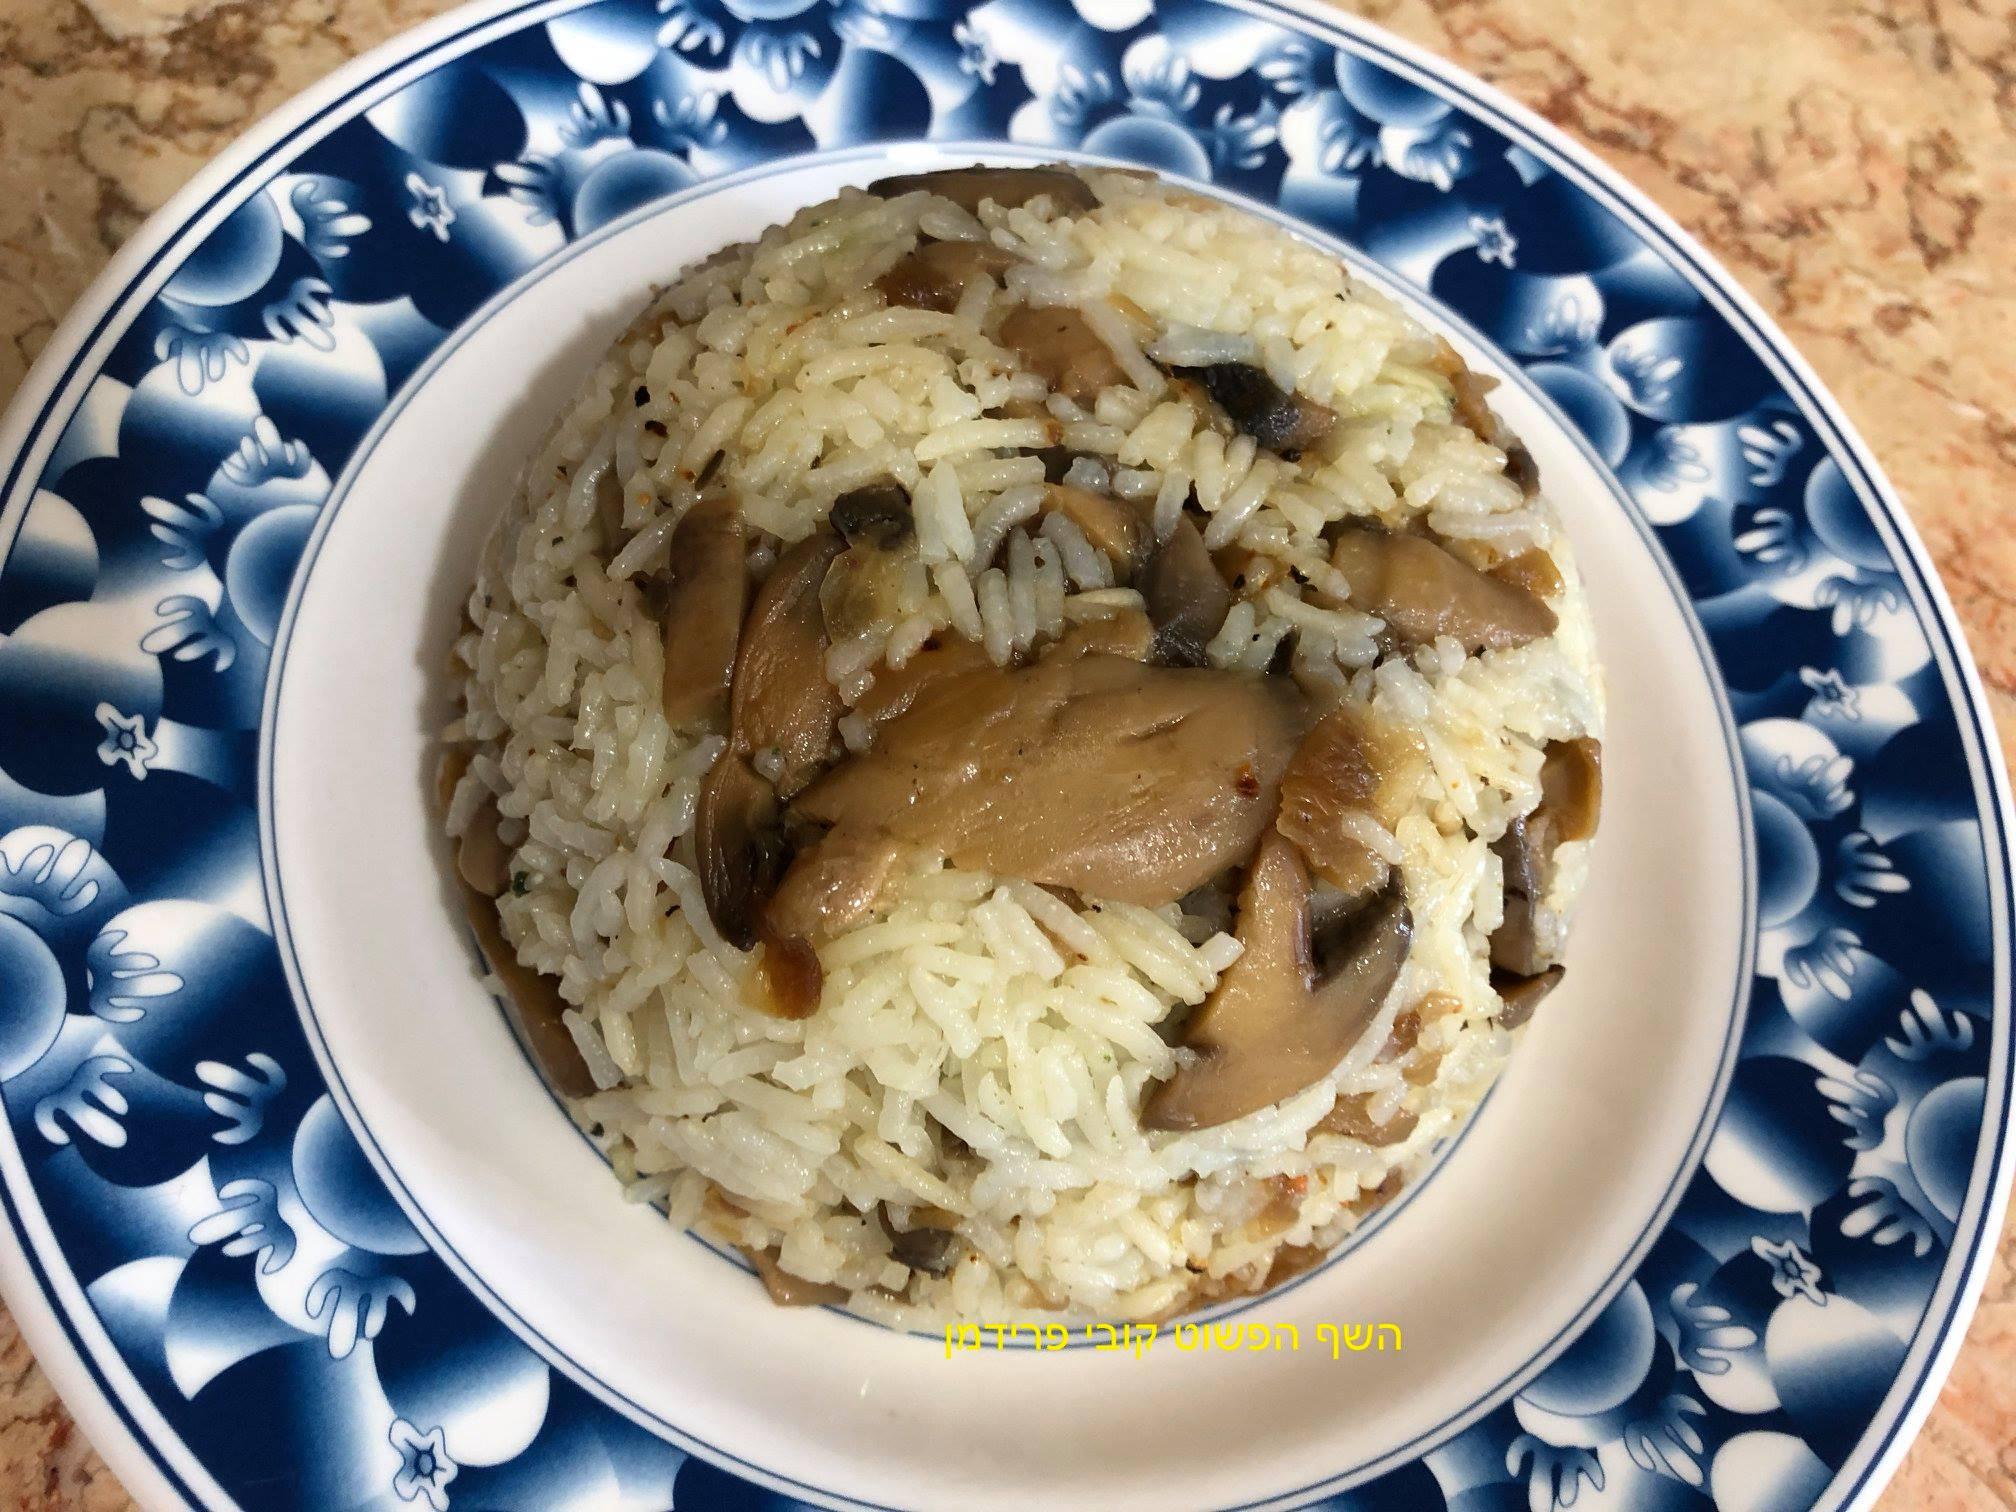 אורז בסמטי עם פטריות ובצל מקורמל